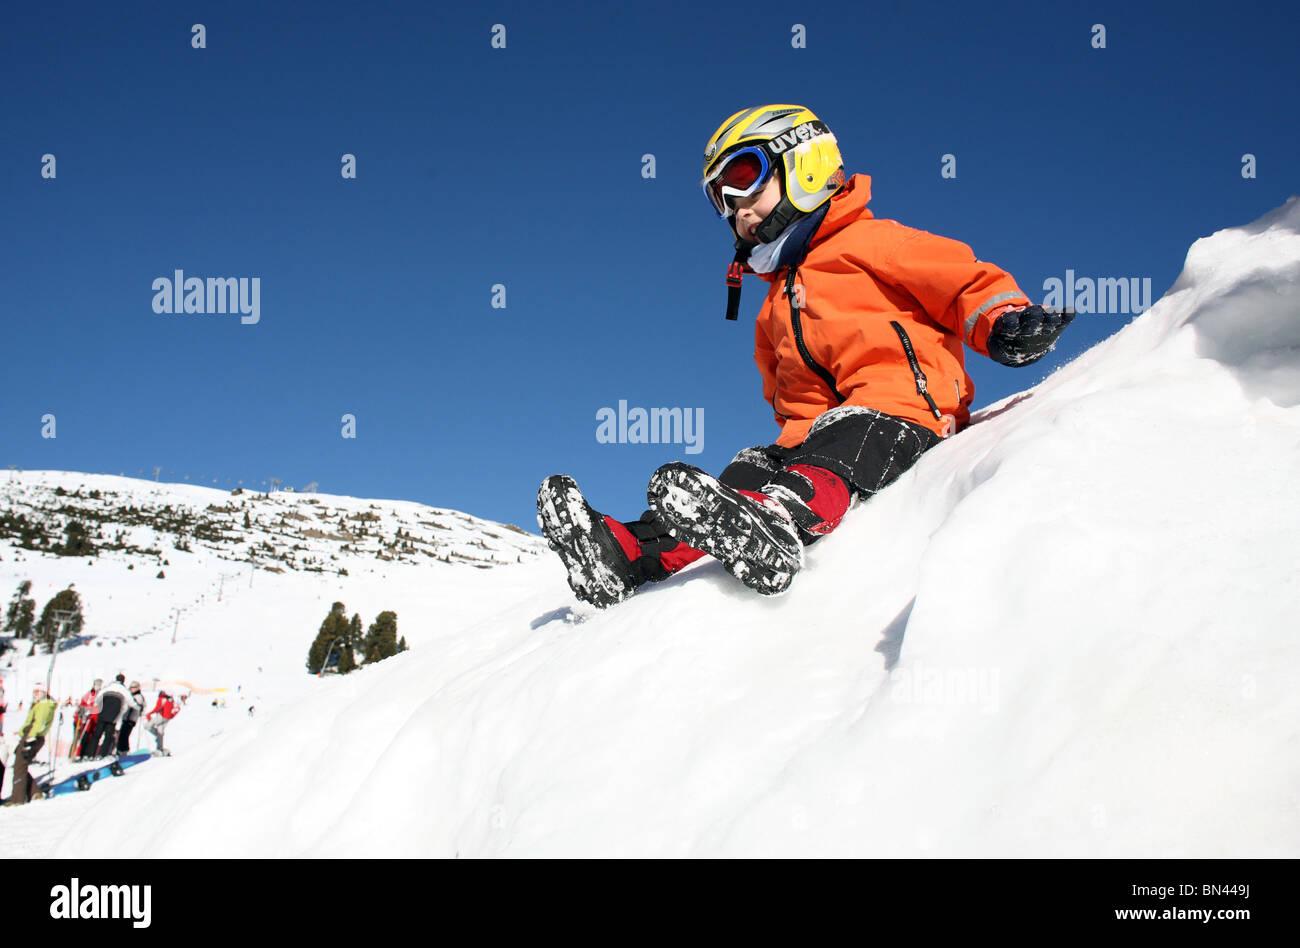 Casque de sécurité à l'enfant ne glisse dans une pente enneigée, Jerzens, Autriche Photo Stock